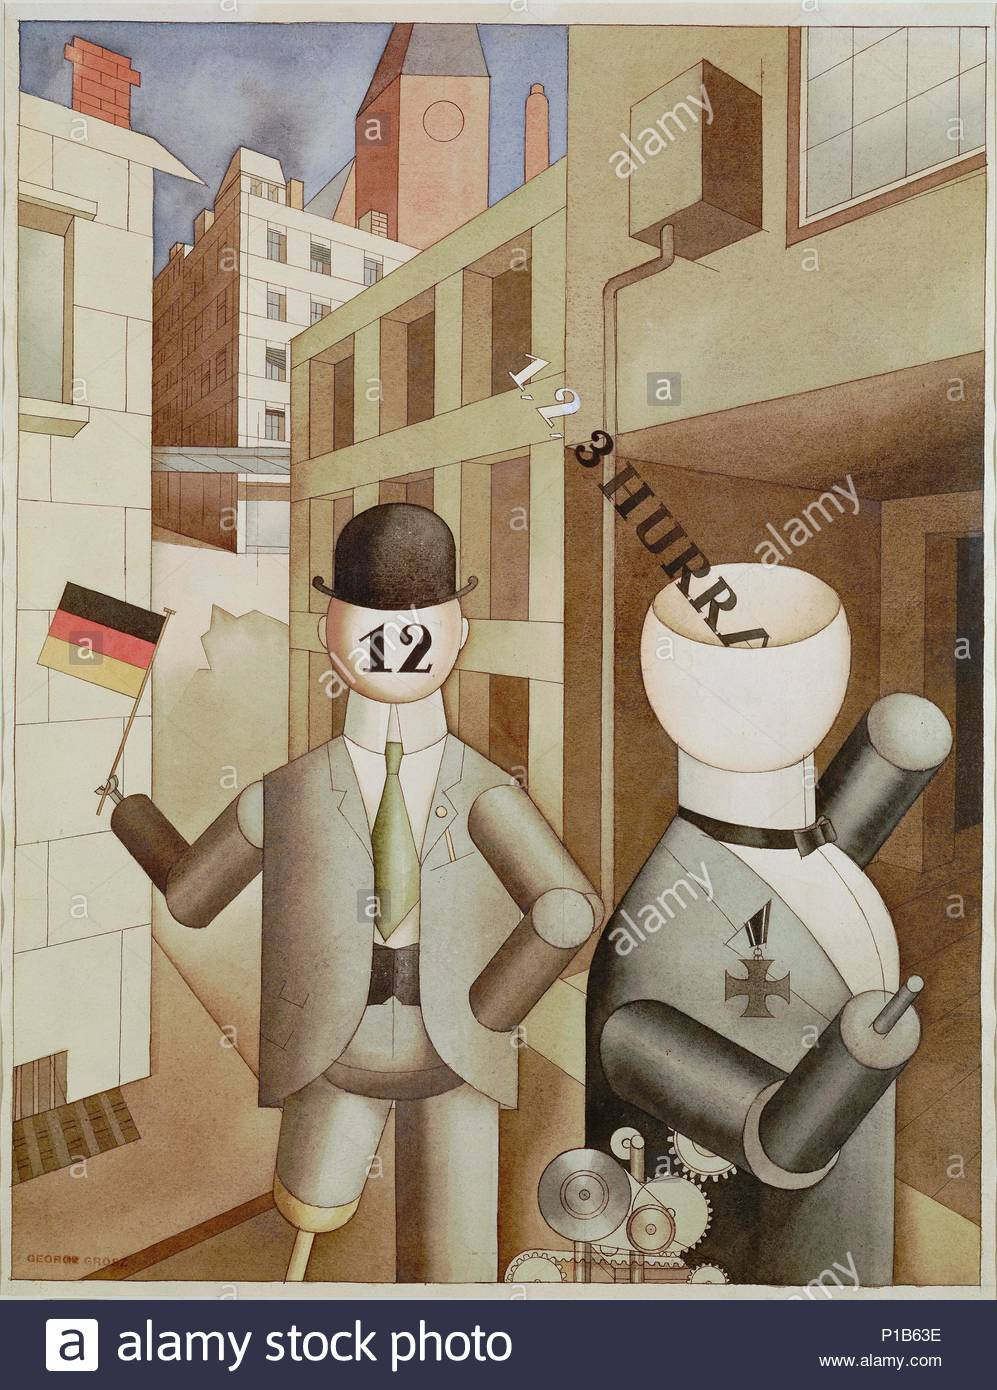 George Grosz Cafe Berlin